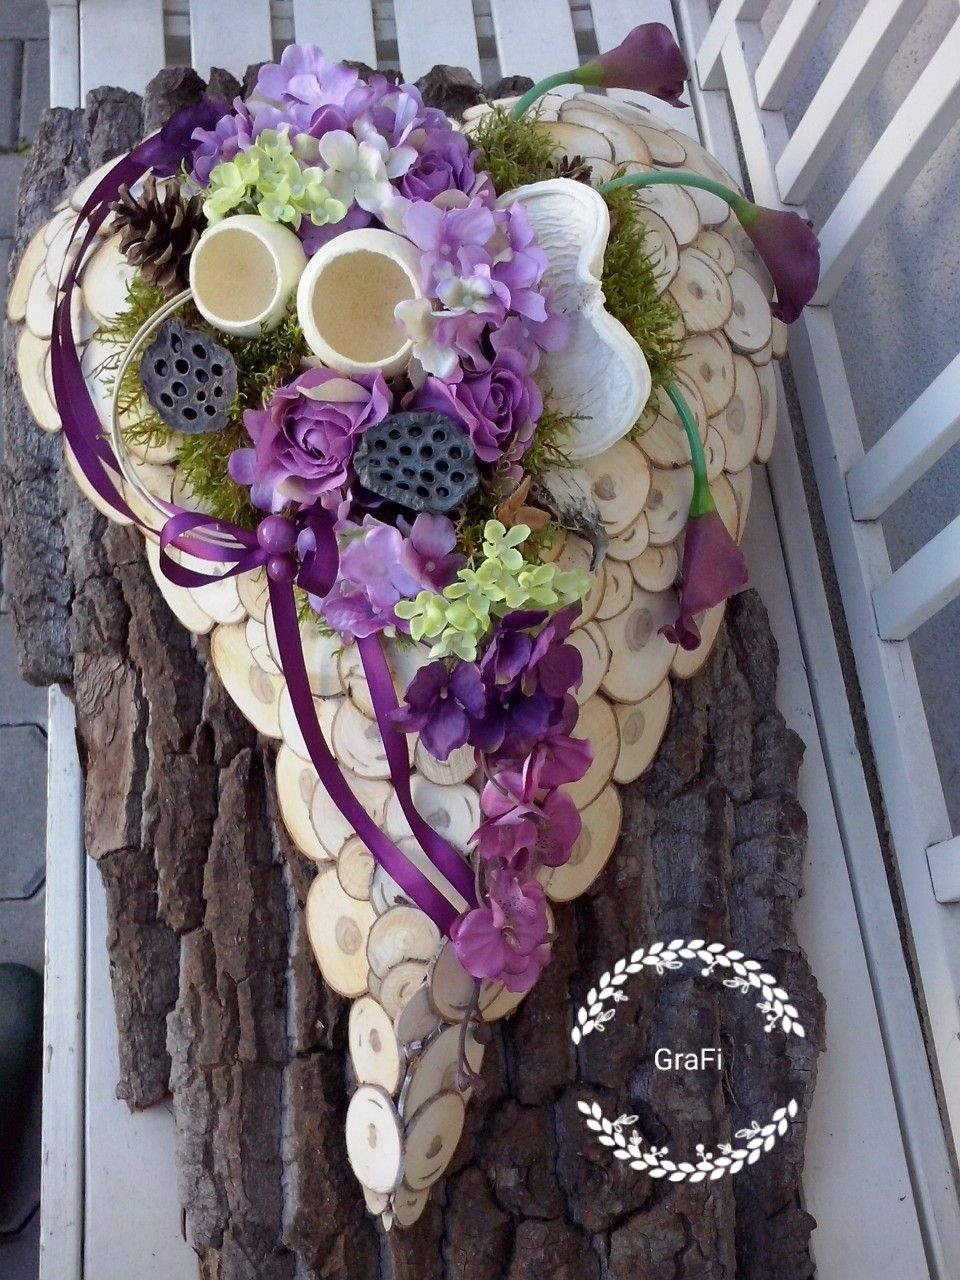 Florystyka Funeralna Dekoracja Na Grob 1 Listopada Kompozycja Nagrobna Stroik Na Grob Floral Wreath Floral Art Funeral Flowers